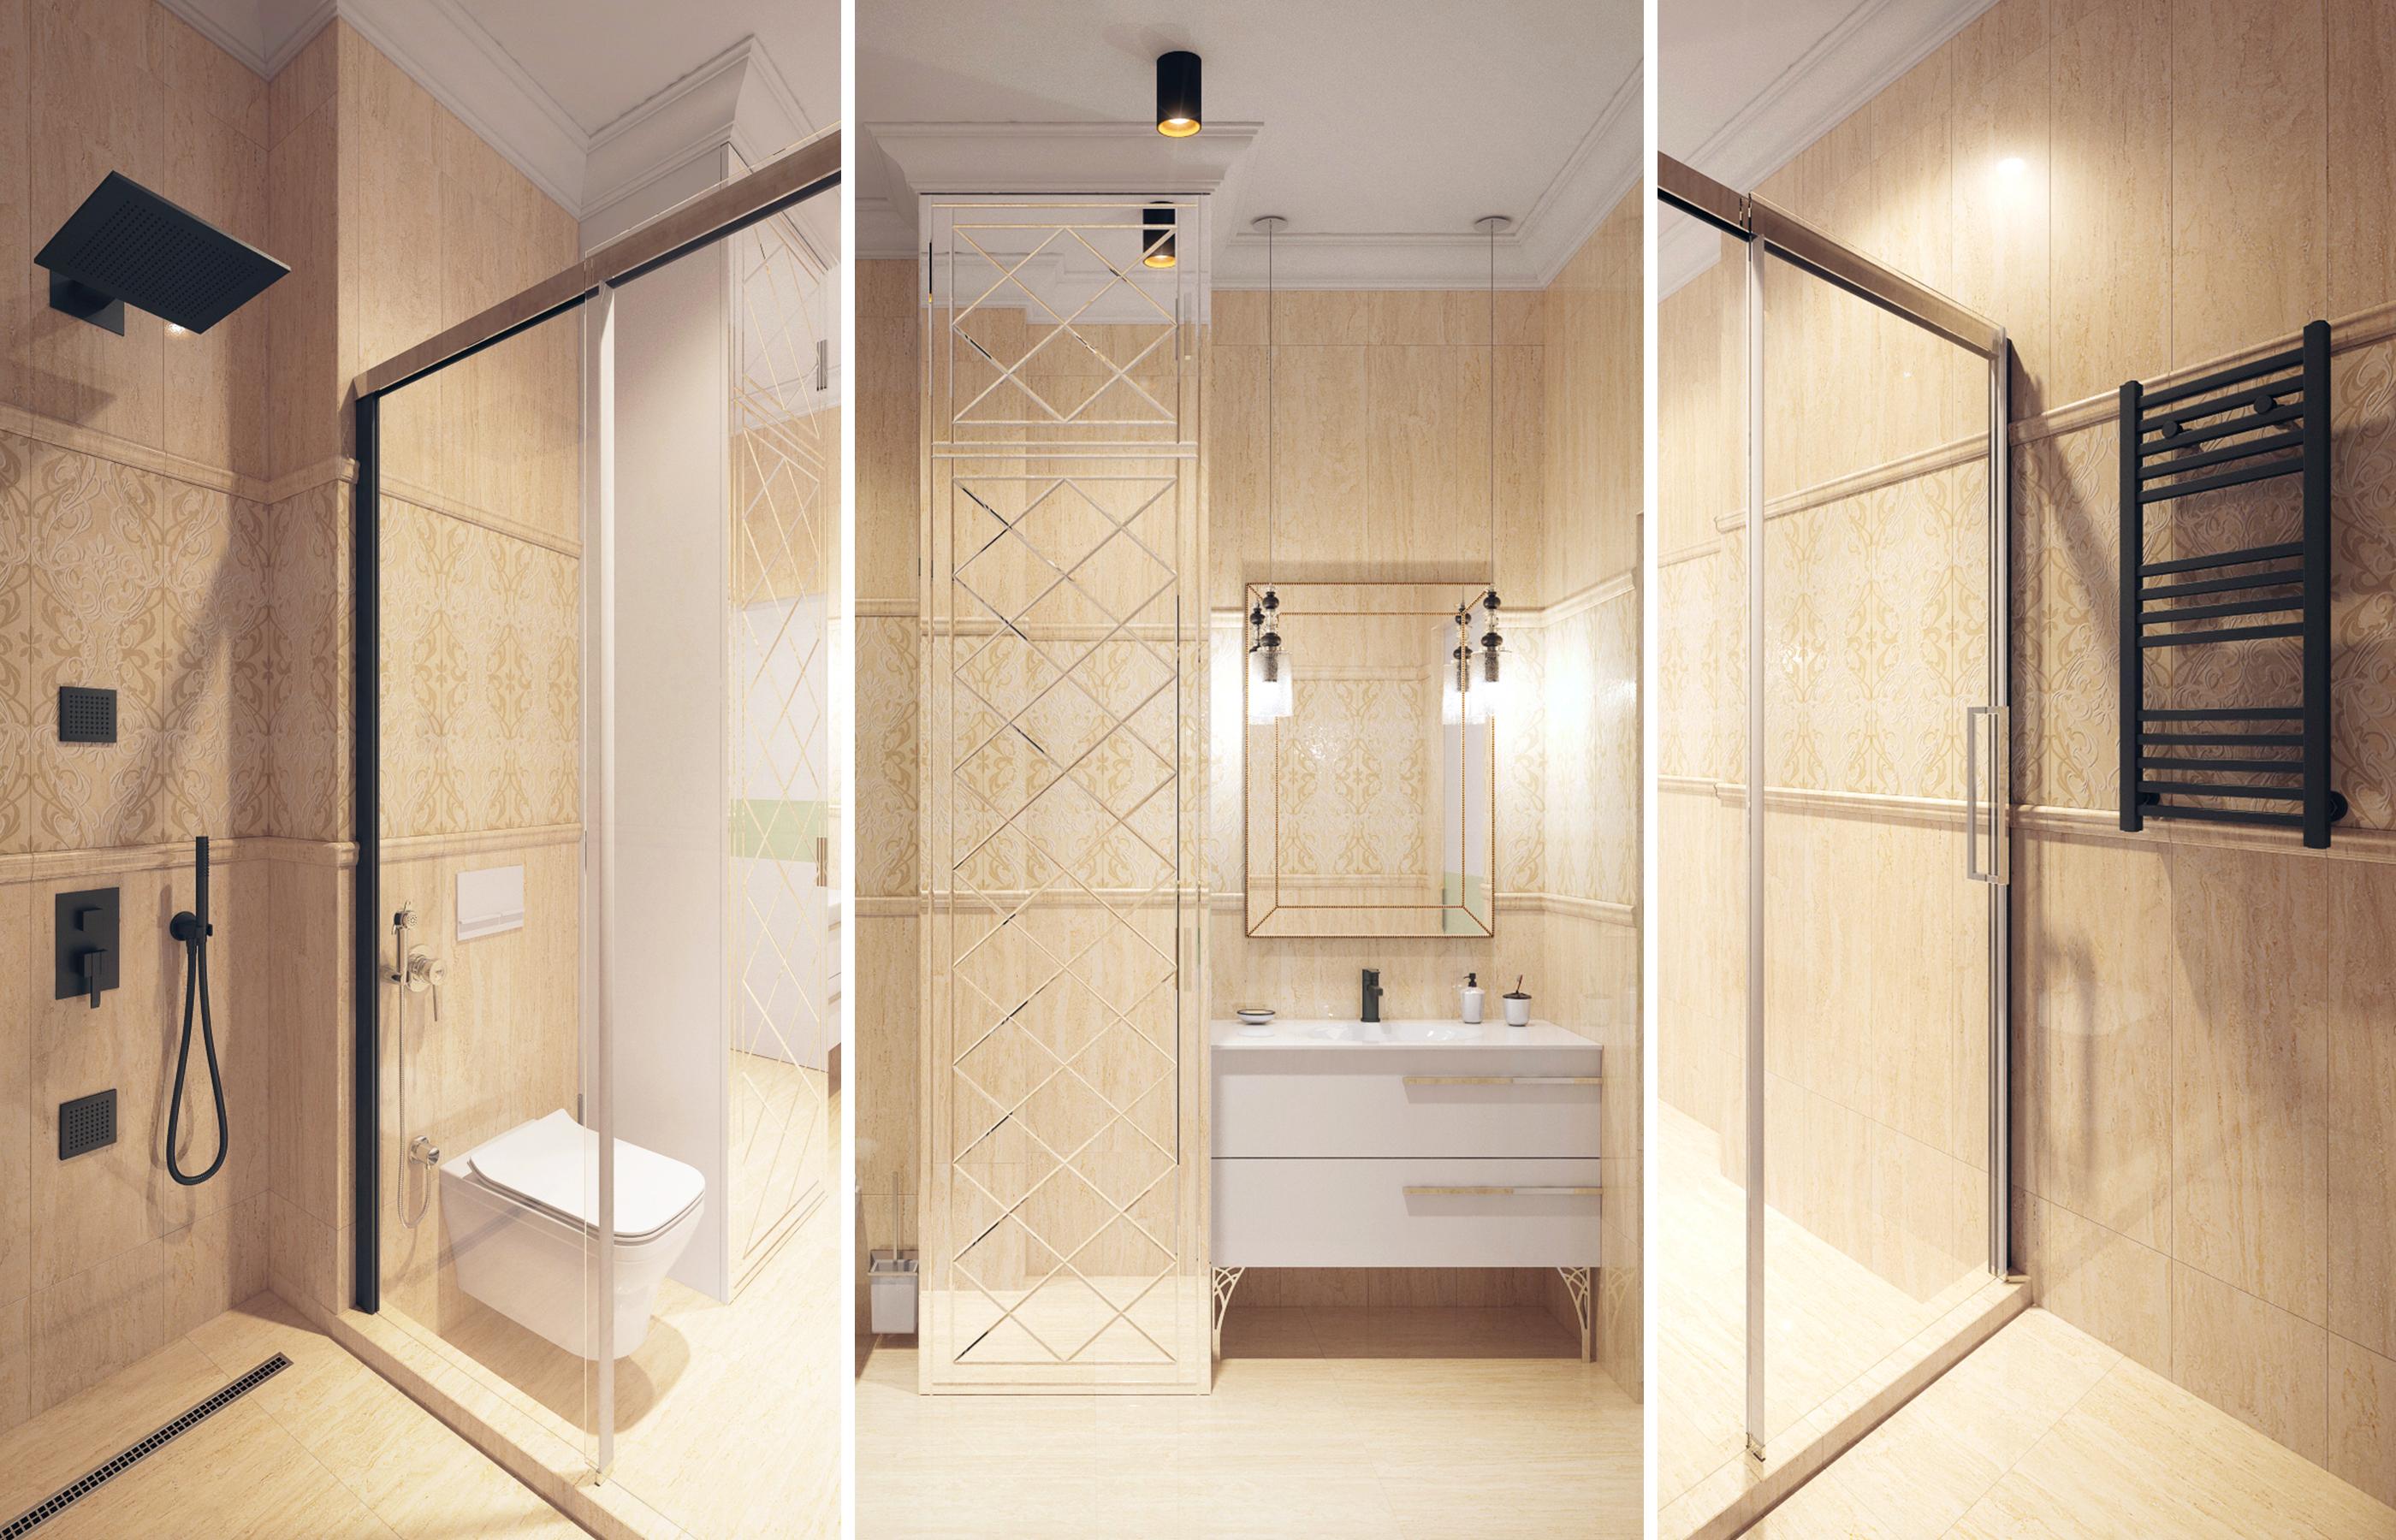 Черный смеситель и черный контур душевой перегородки придают строгую графичность интерьеру ванной комнаты